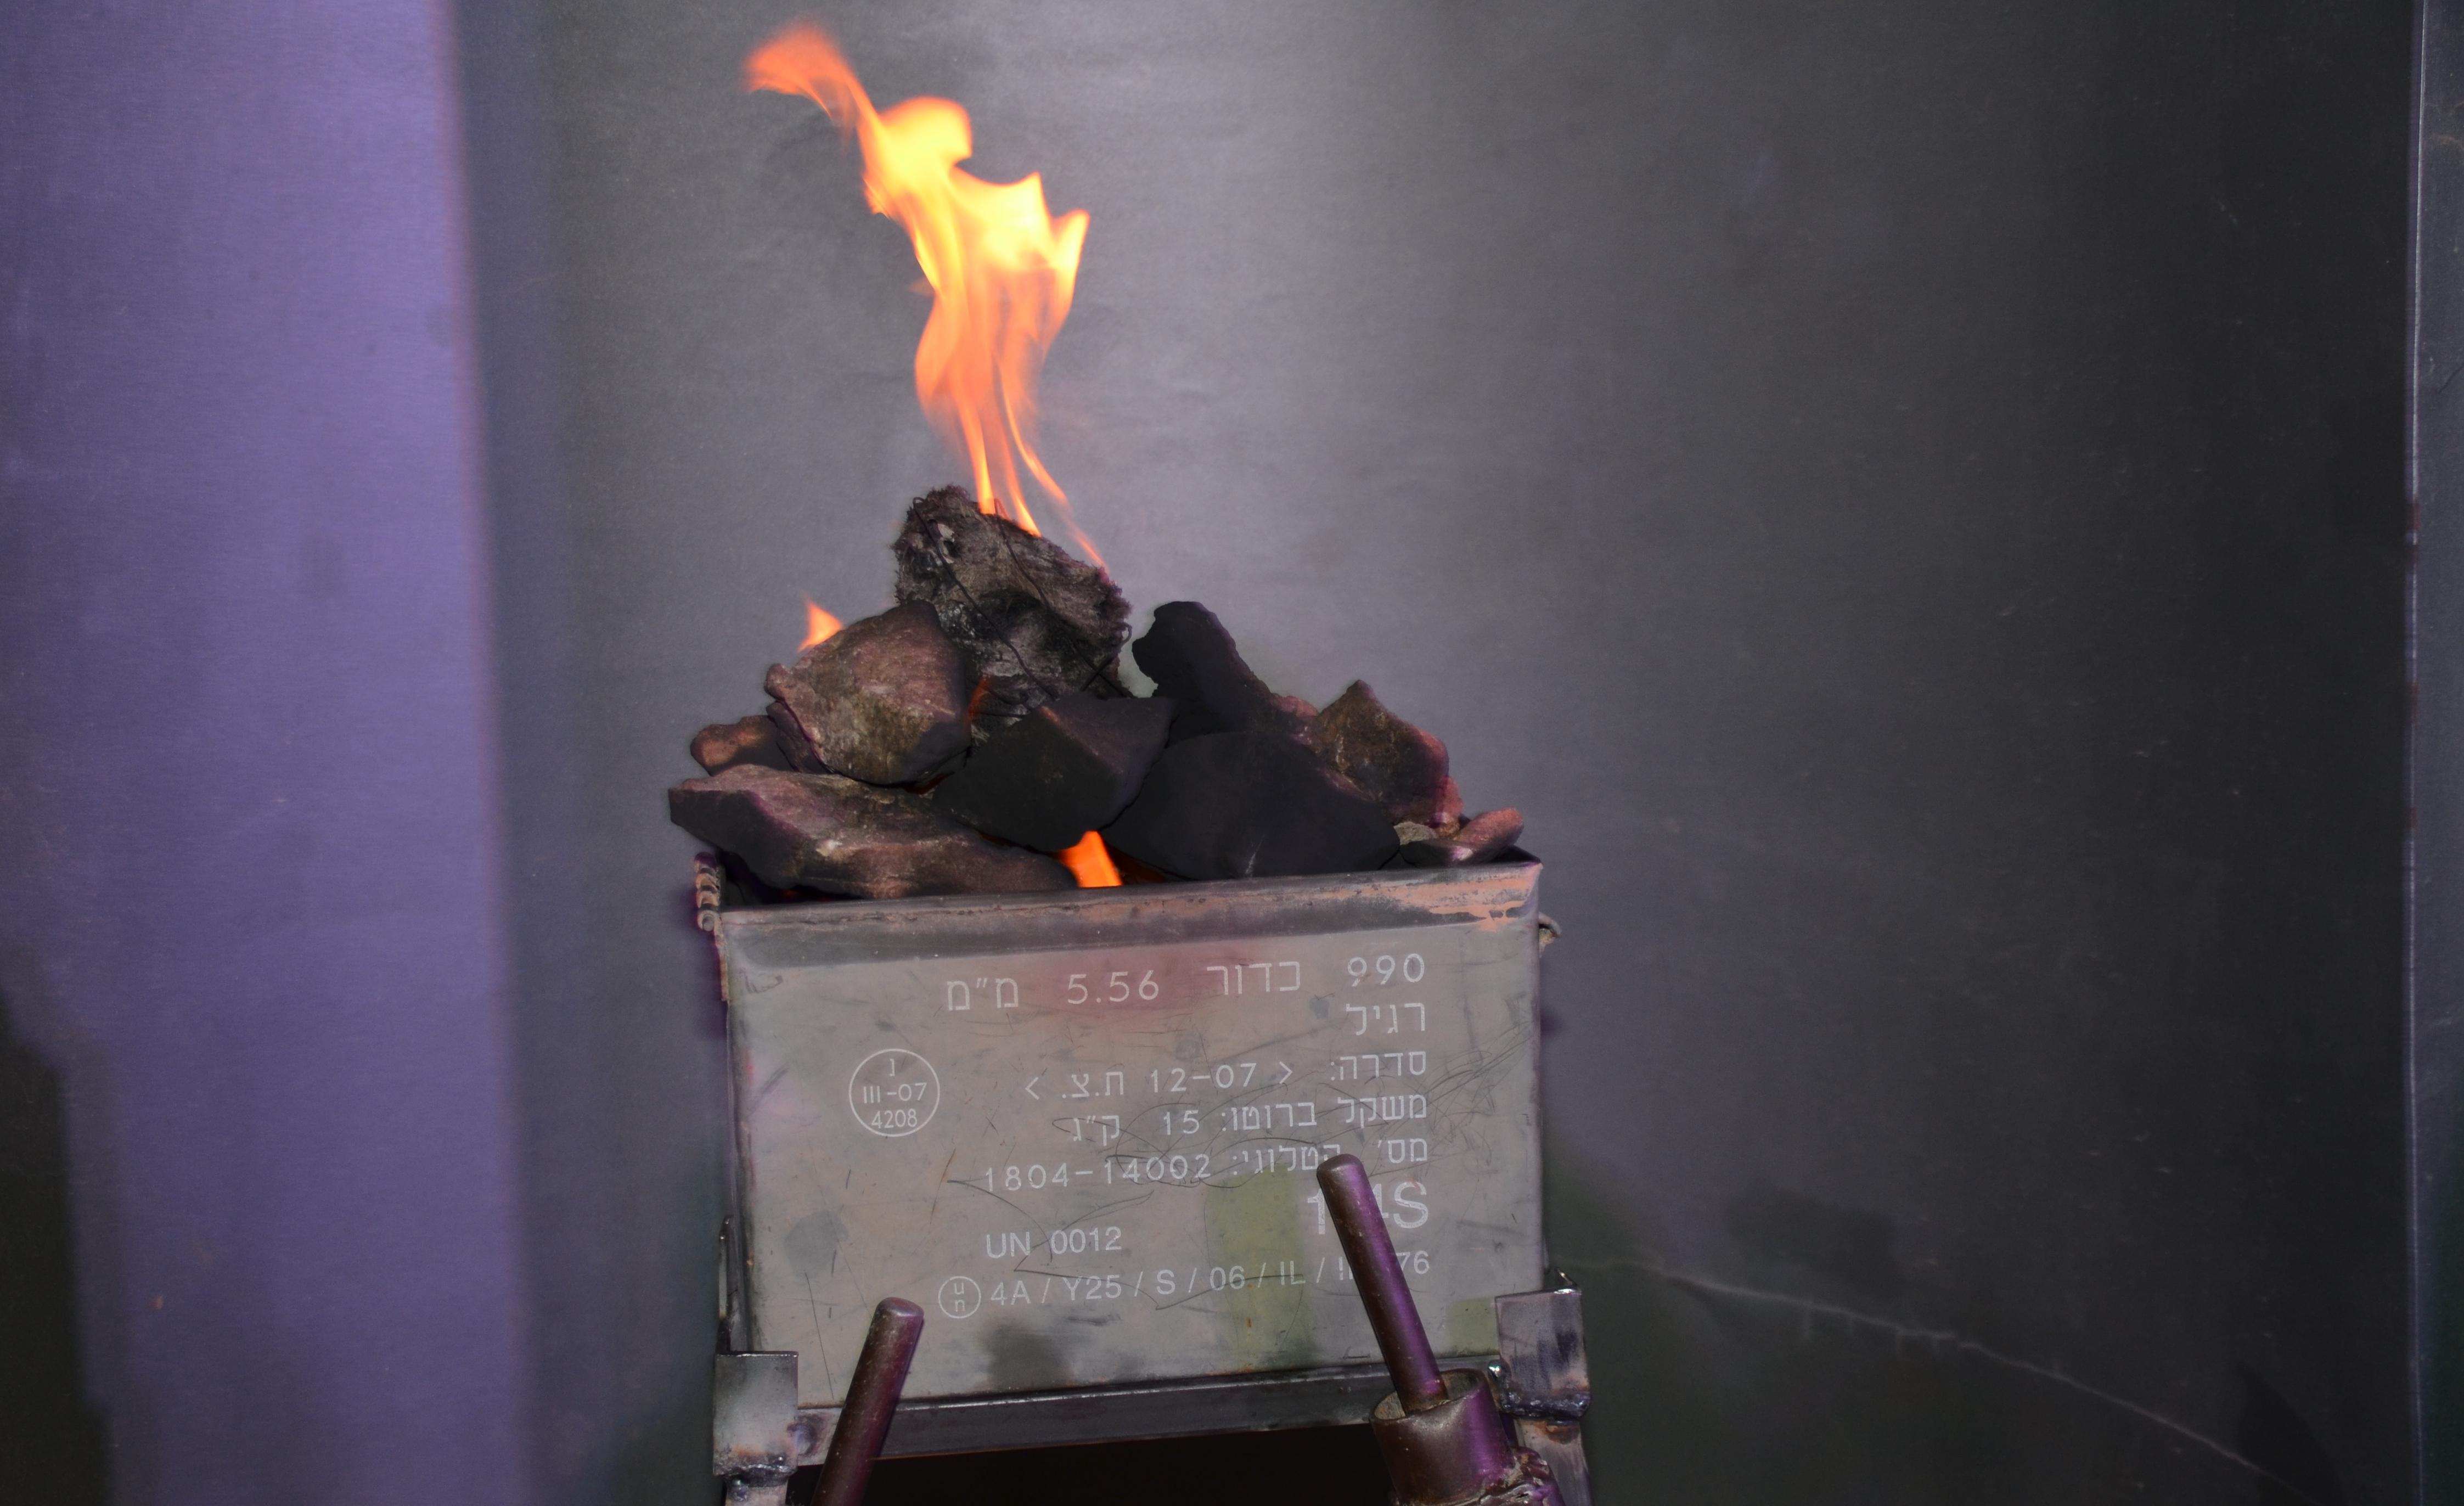 memorial flames